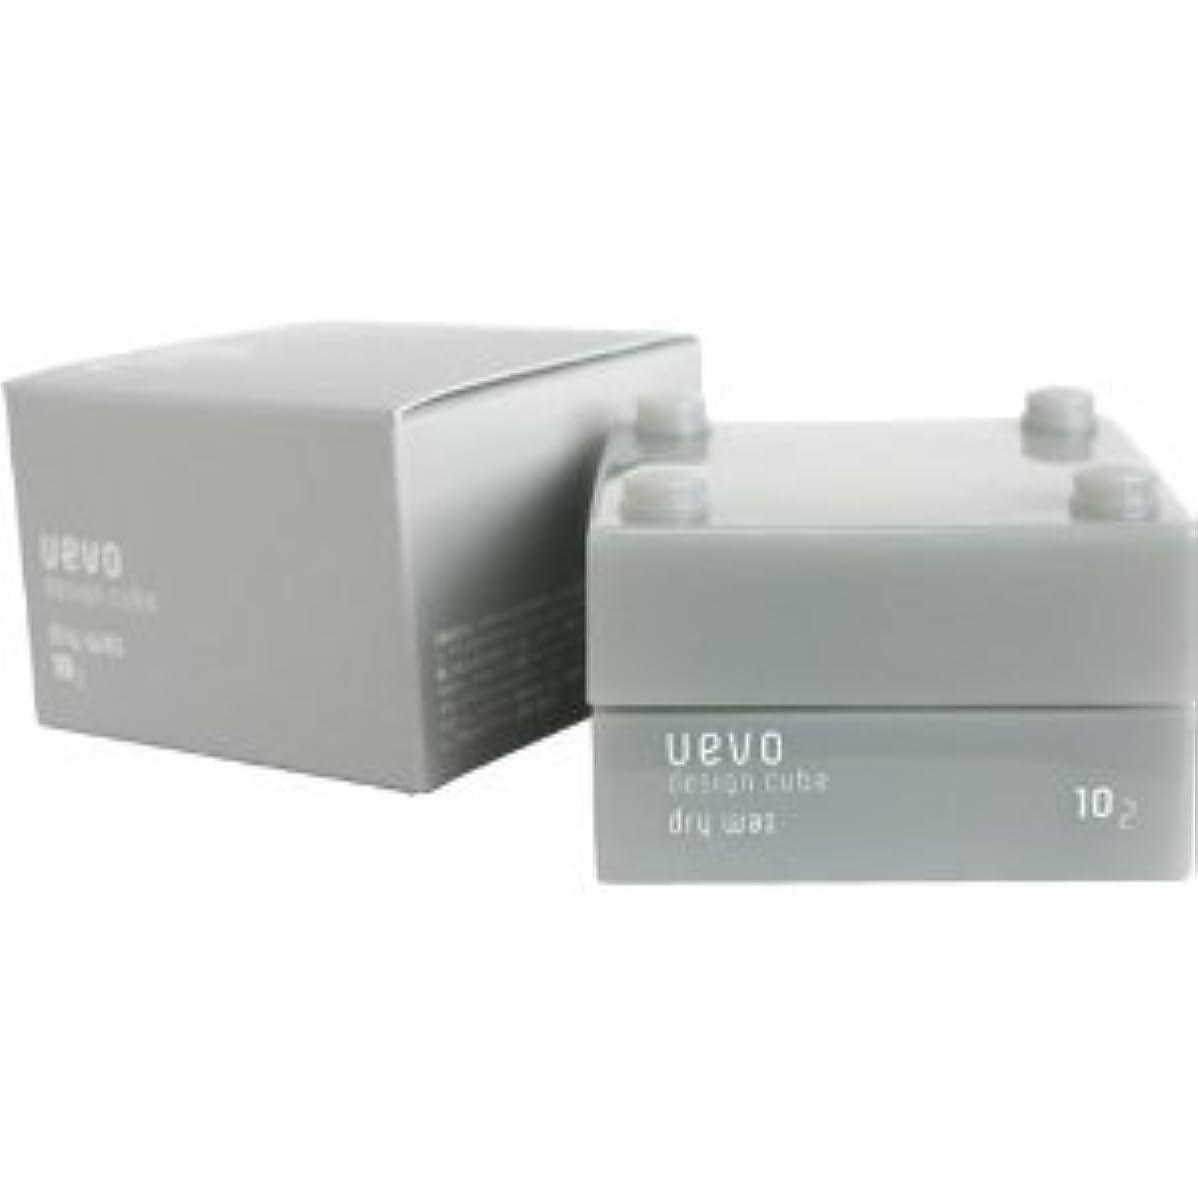 責同盟珍味【X3個セット】 デミ ウェーボ デザインキューブ ドライワックス 30g dry wax DEMI uevo design cube